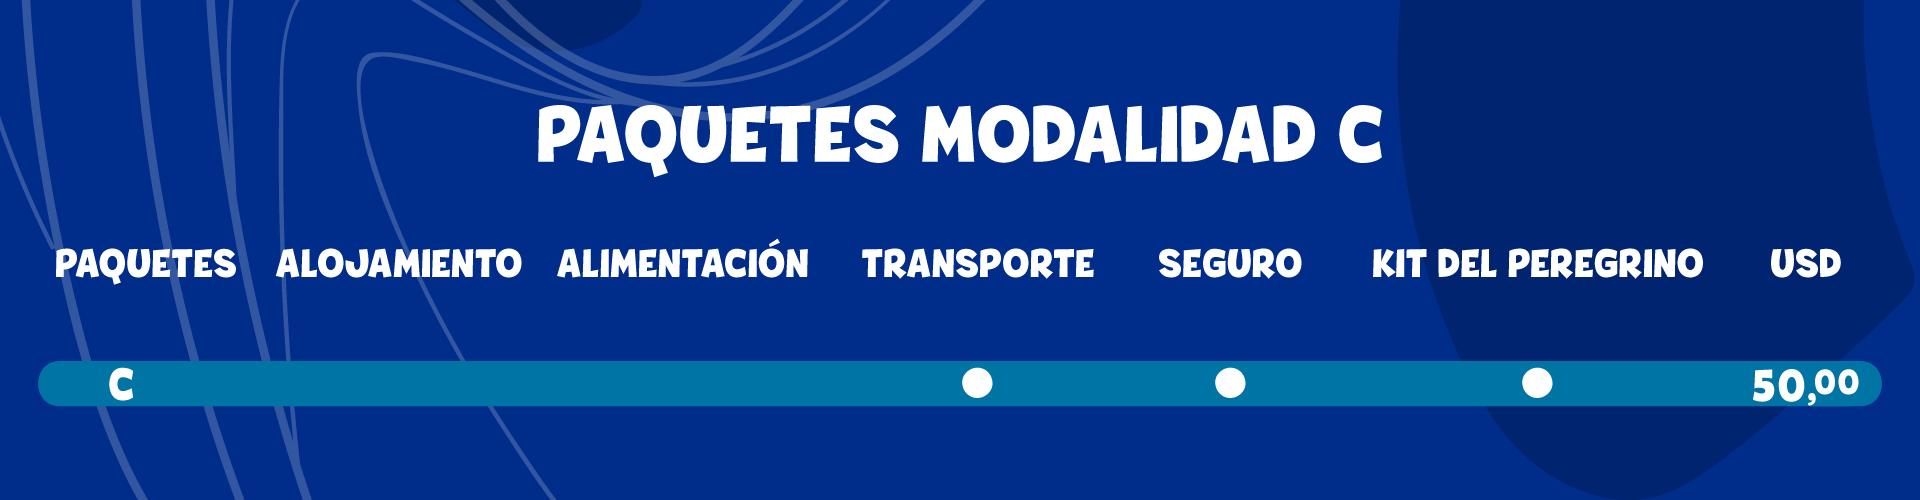 ES-PAQUETES-DEL-PEREGRINO-C-CORREGIDO (1)